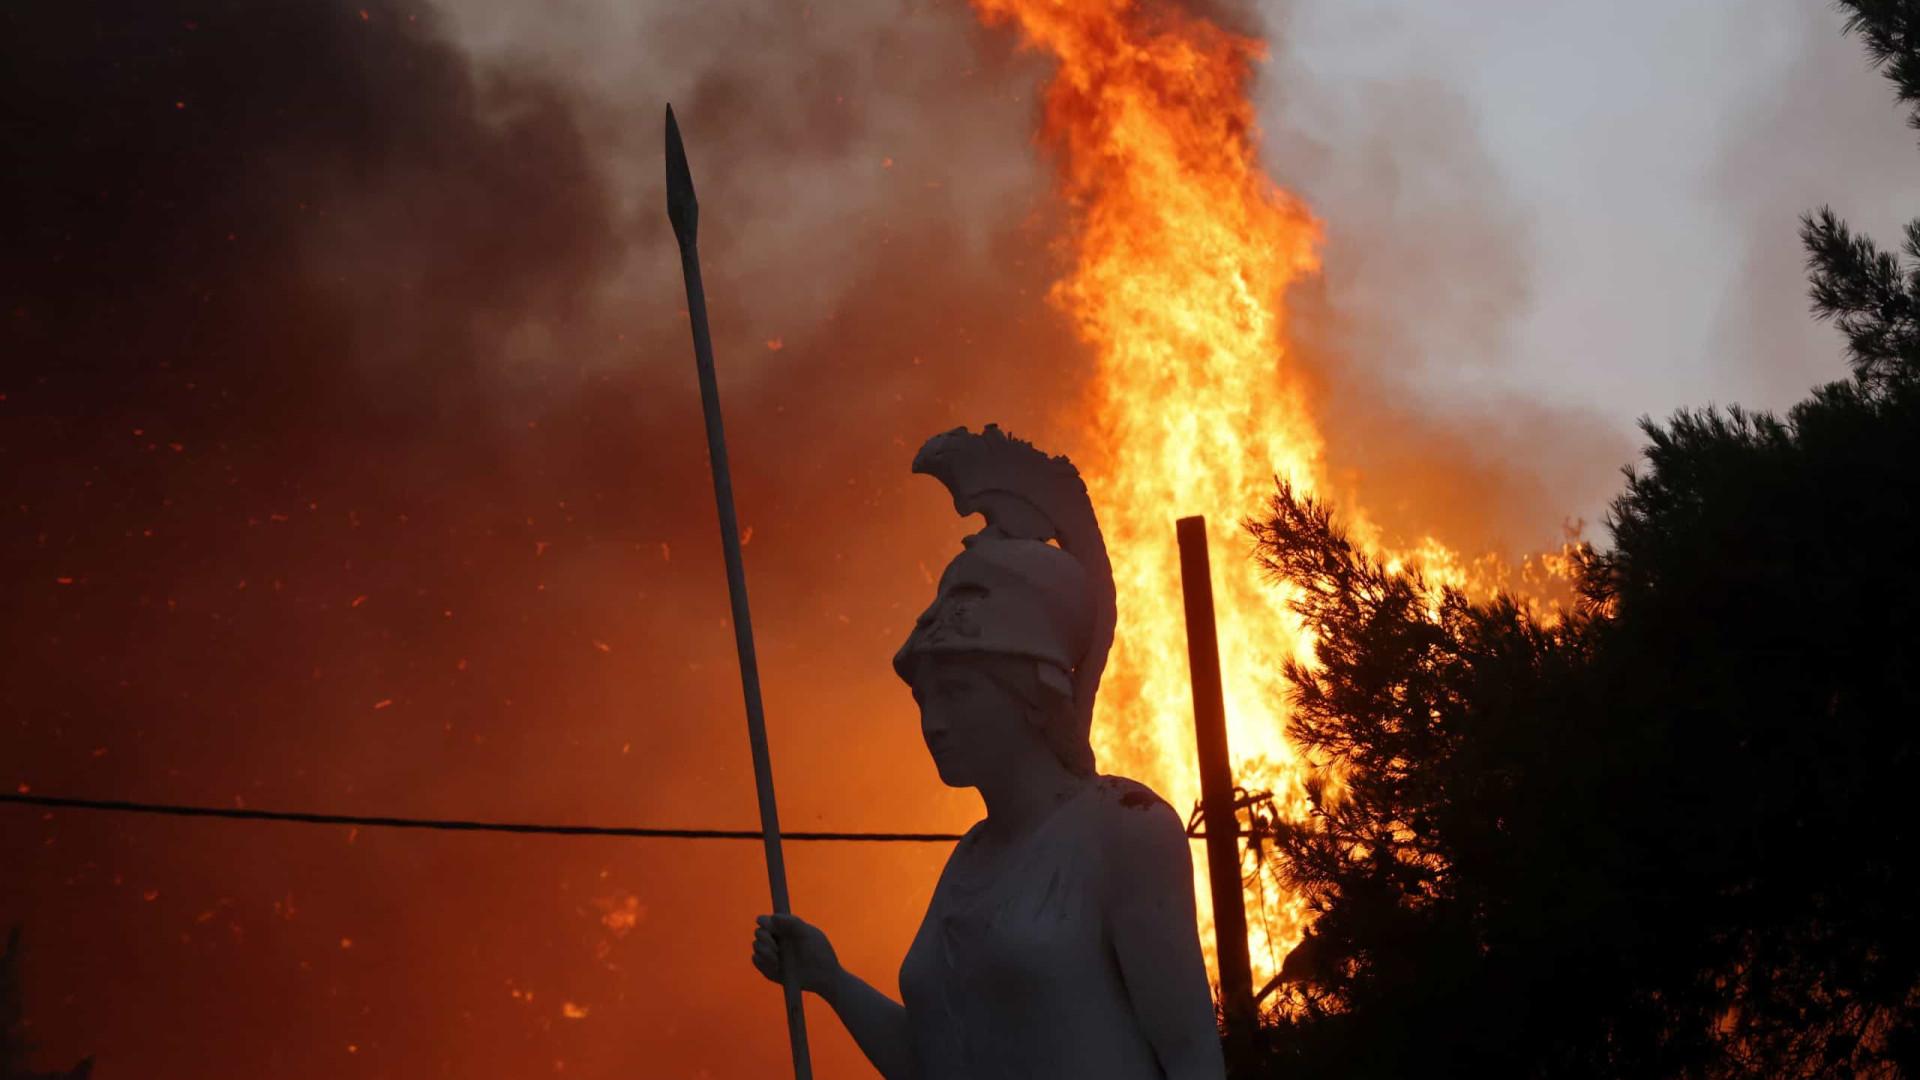 Subúrbios de Atenas sofrem noite devastadora devido a incêndios